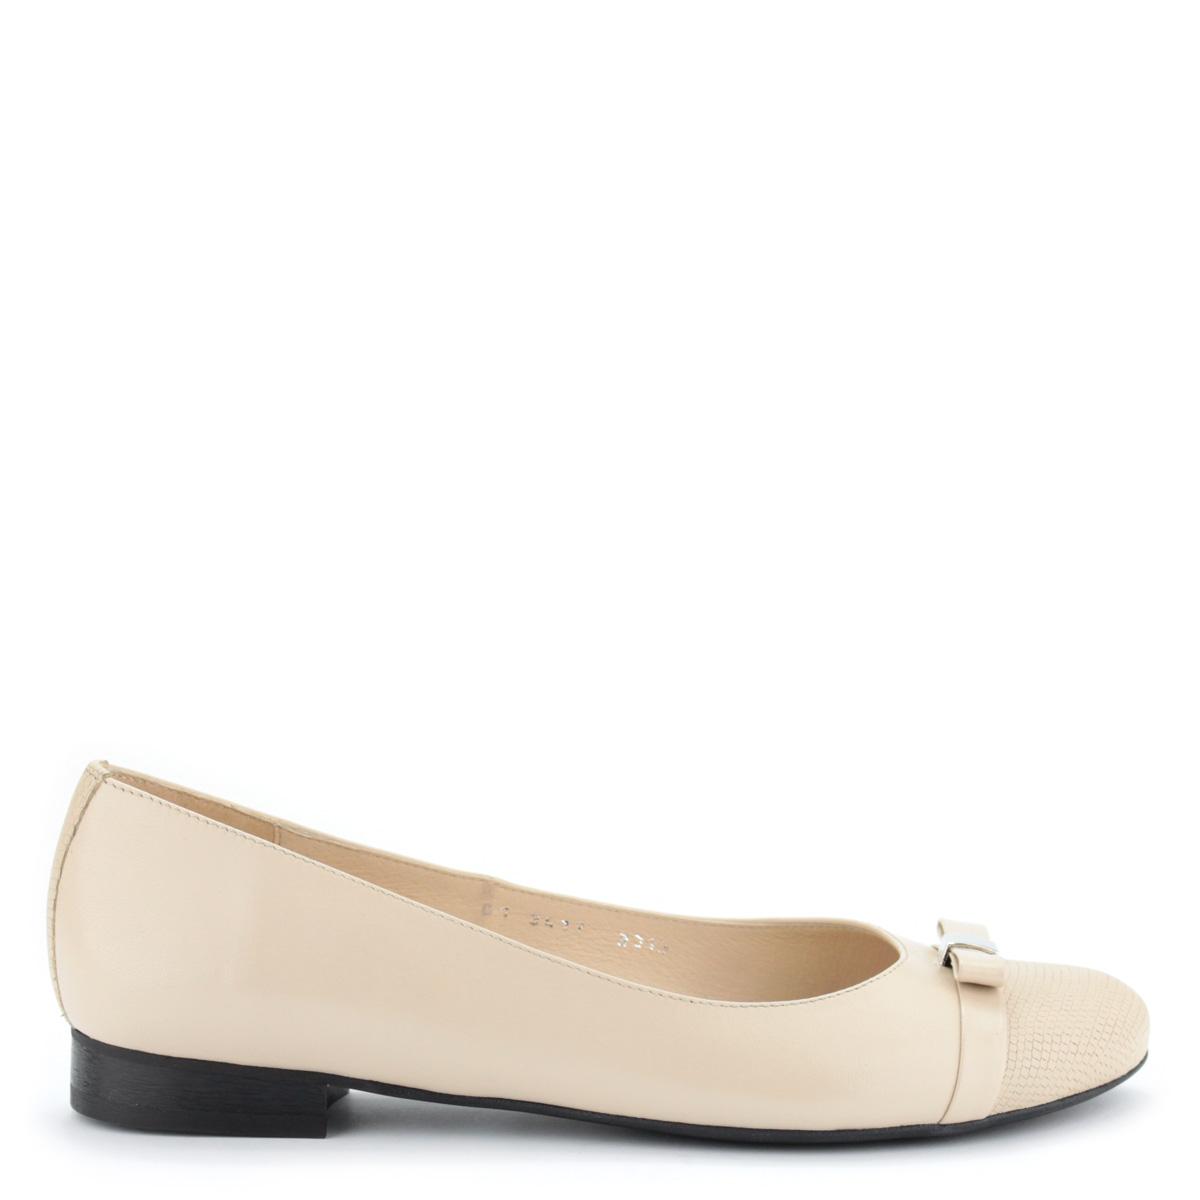 Bézs színű elegáns lapos női cipő bőr felsőrésszel és bőr béléssel. 984f418a97